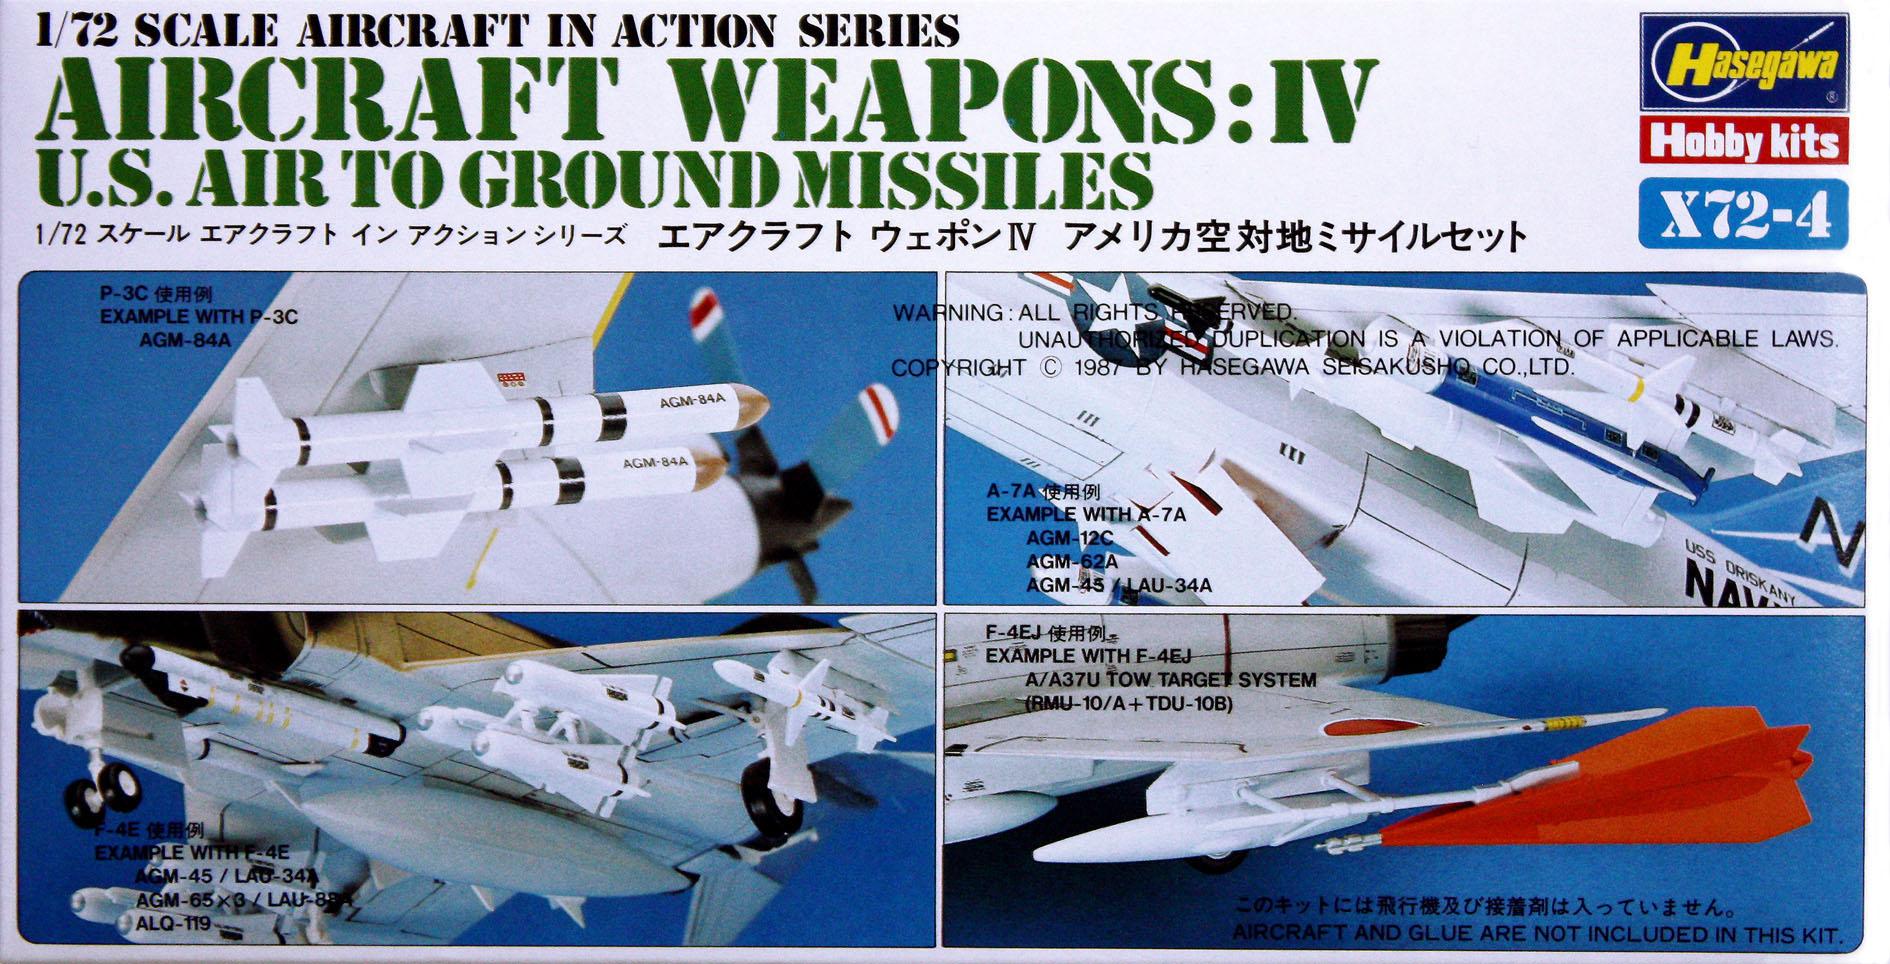 Hasegawa 1/72 US Aircraft Weapons IV